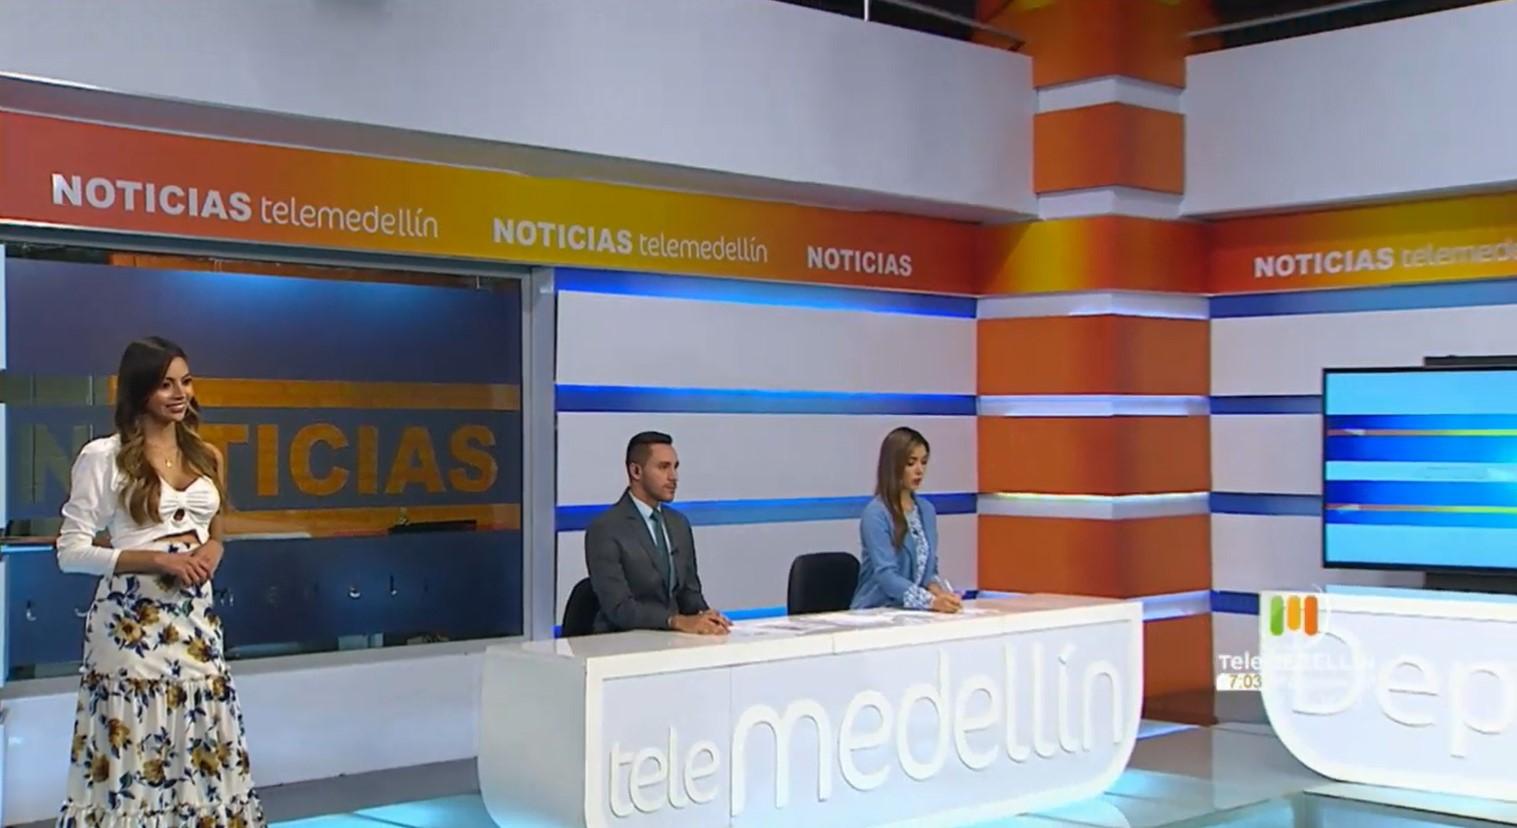 Noticias Telemedellín 27 de febrero del 2020 emisión 7:00 p.m